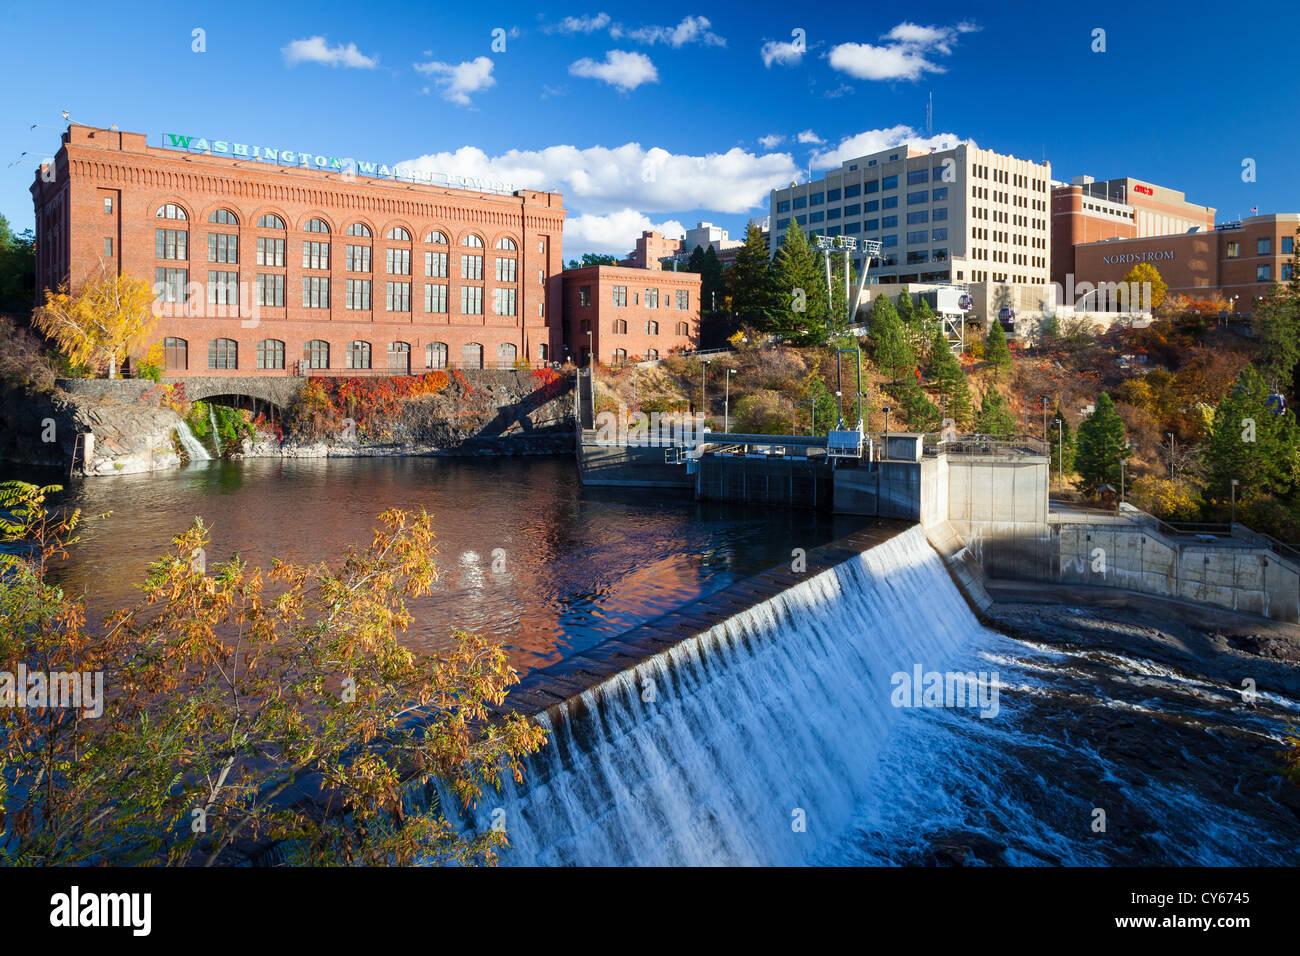 Spokane River in Spokane, Washington Stockbild